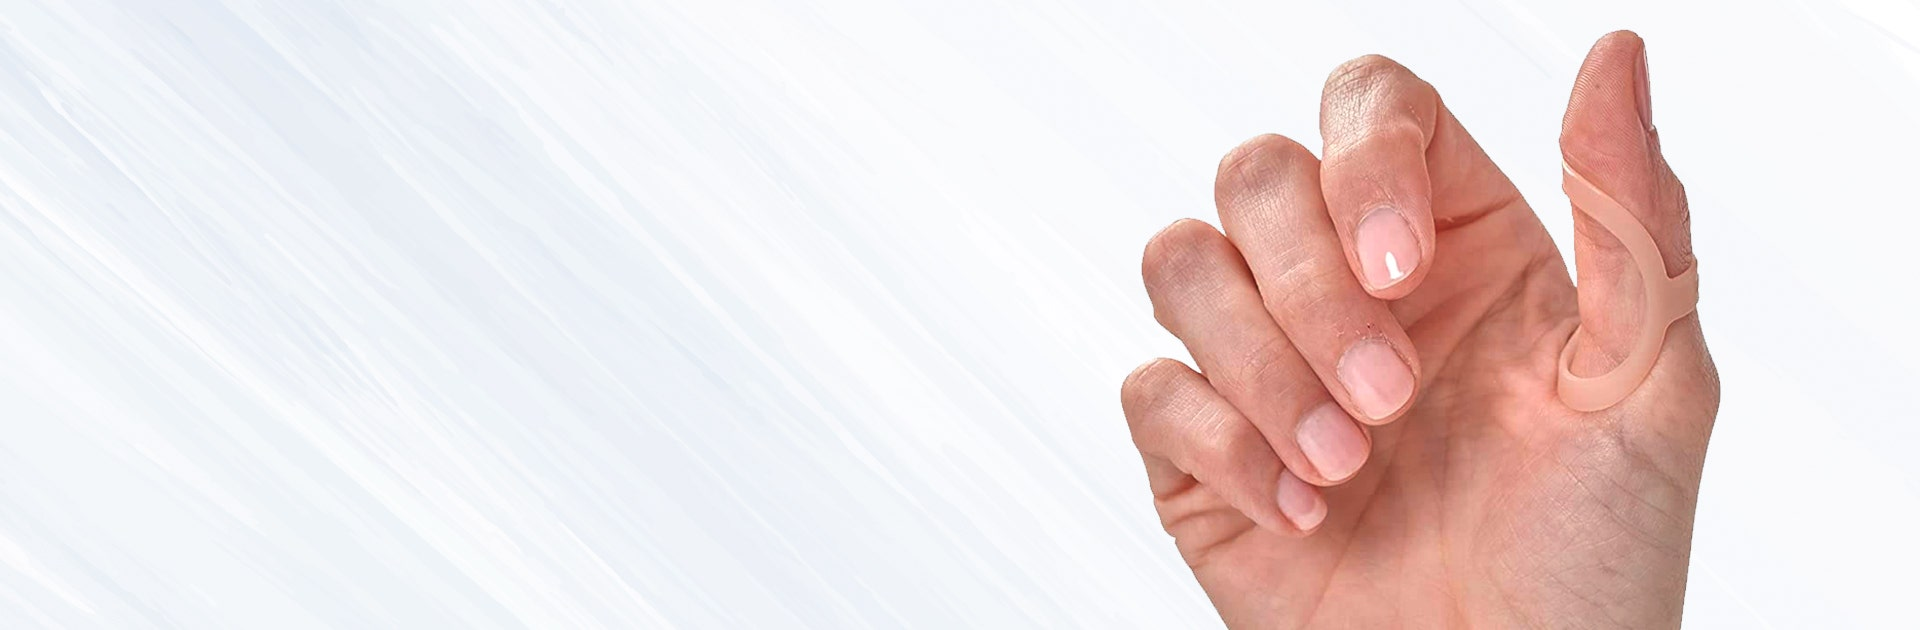 Thumb / Finger Splints